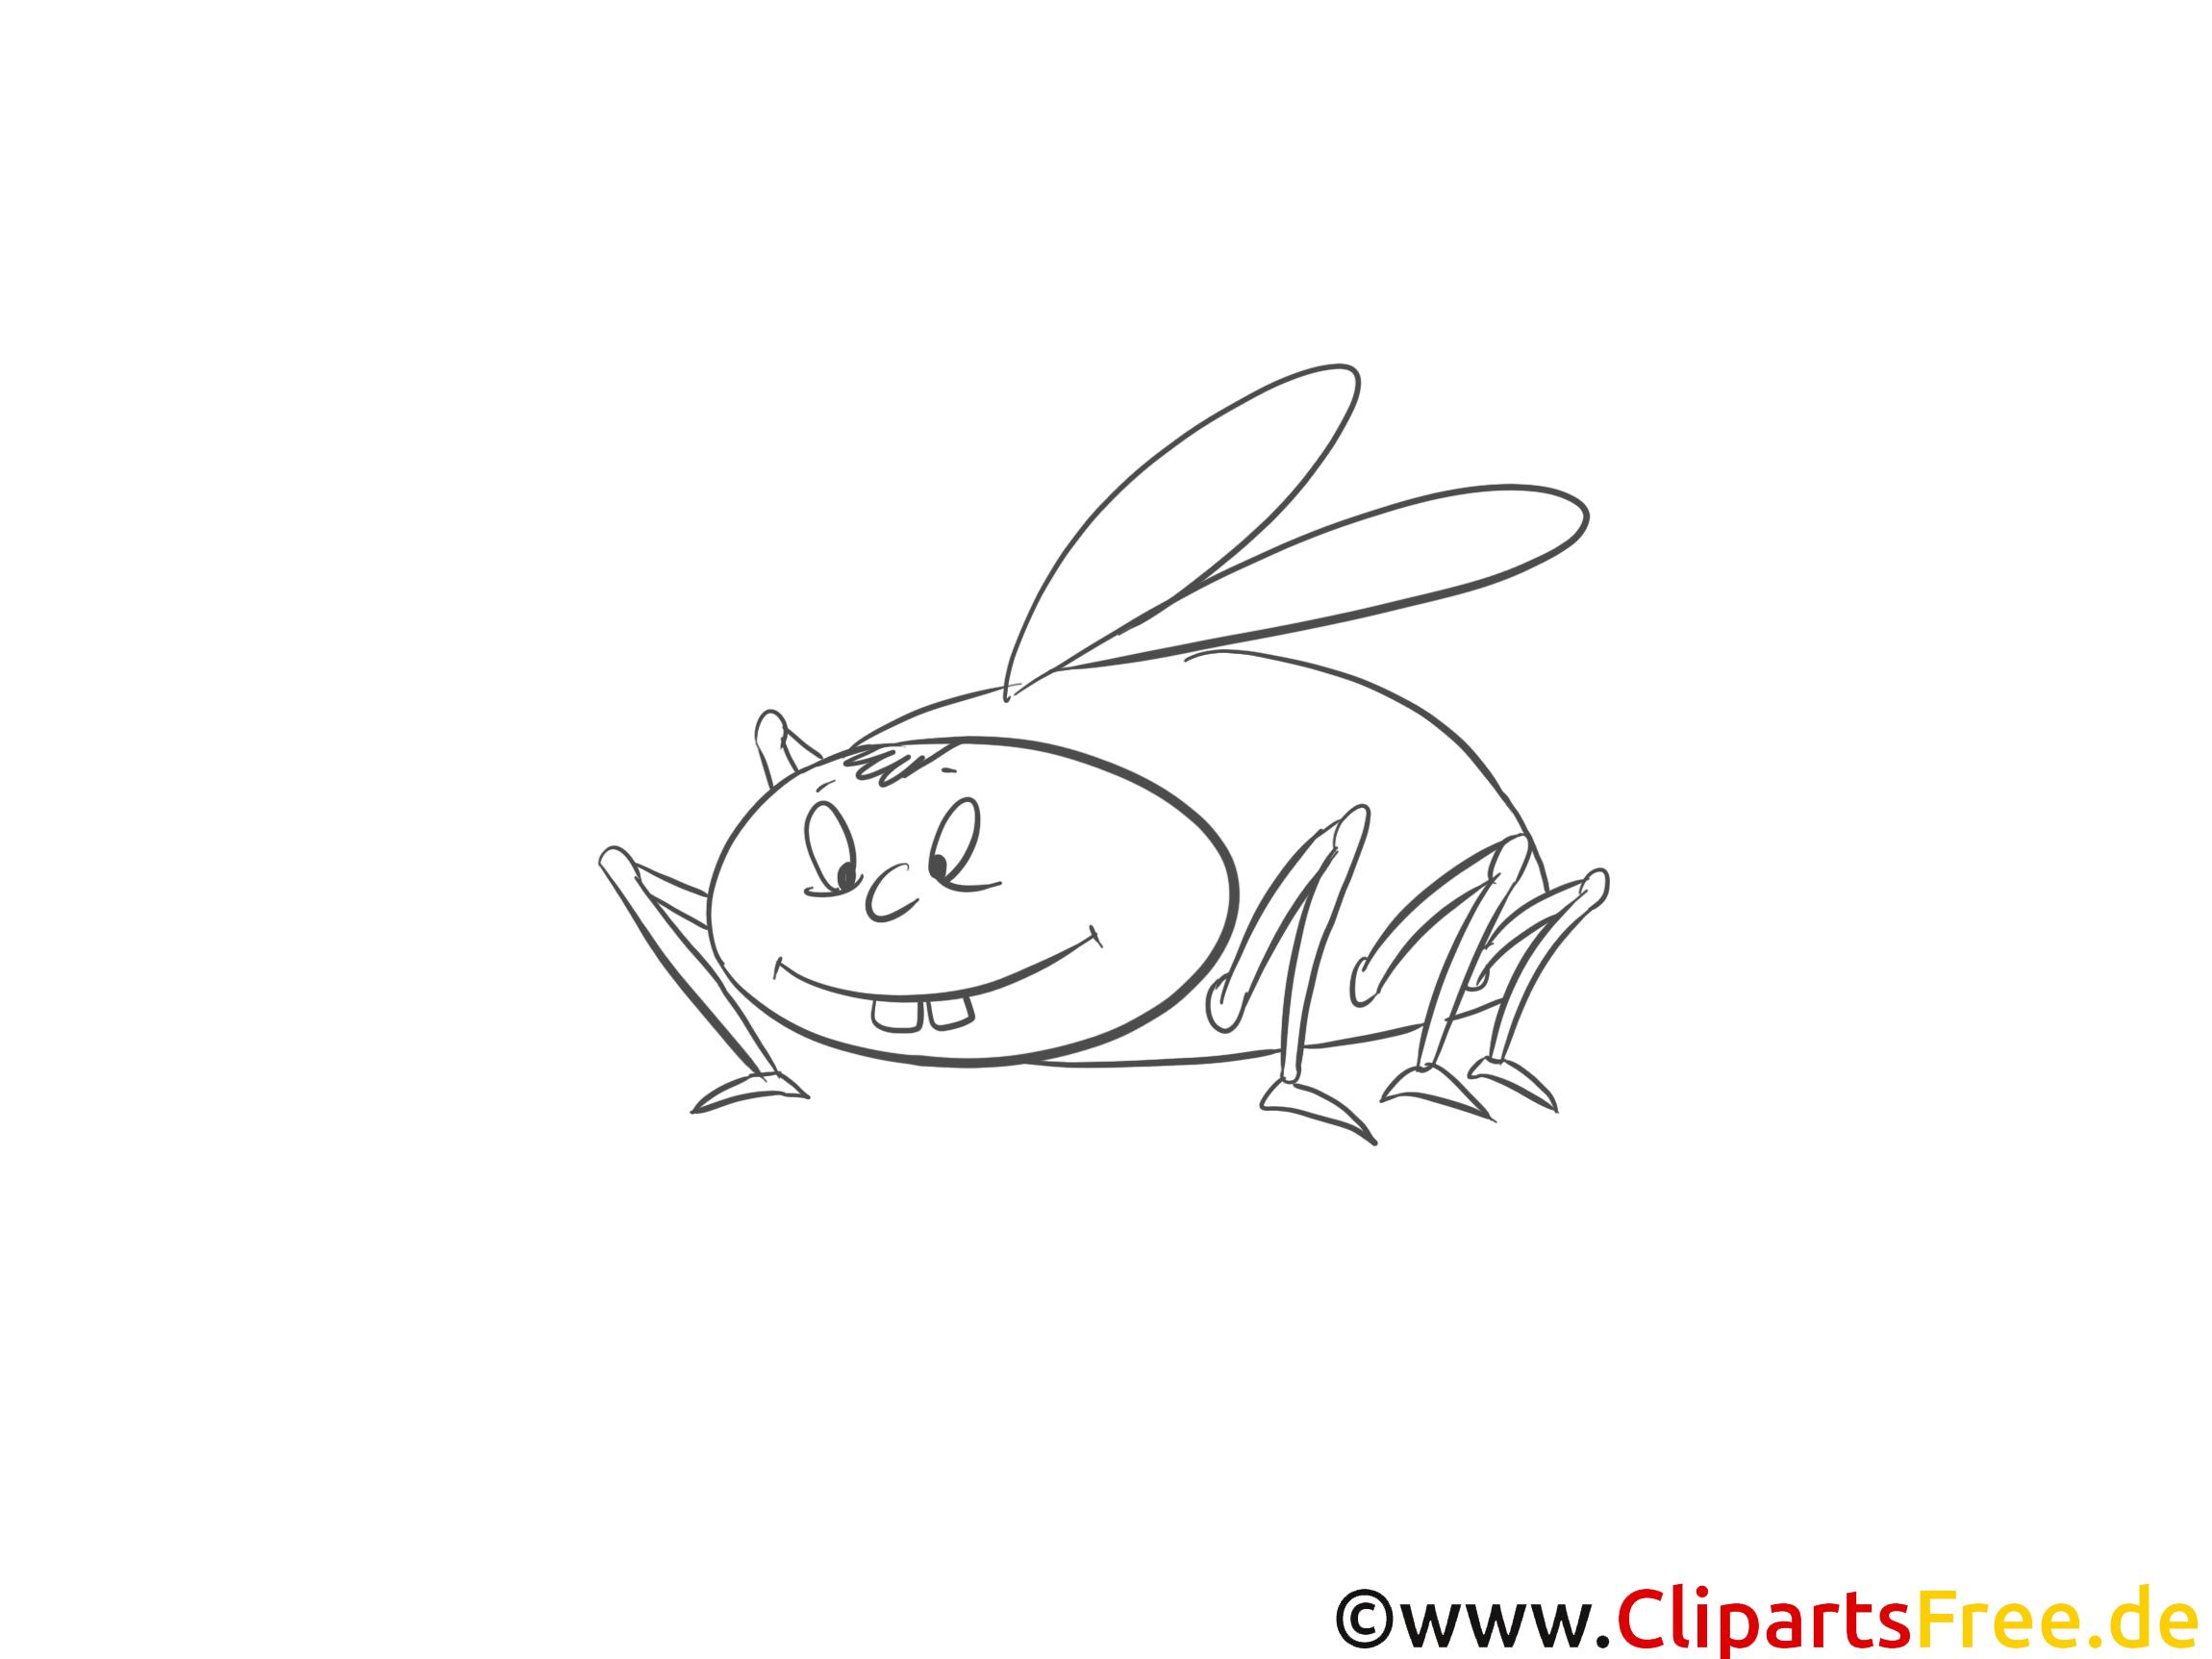 käfer kostenlose ausmalbilder und malvorlagen